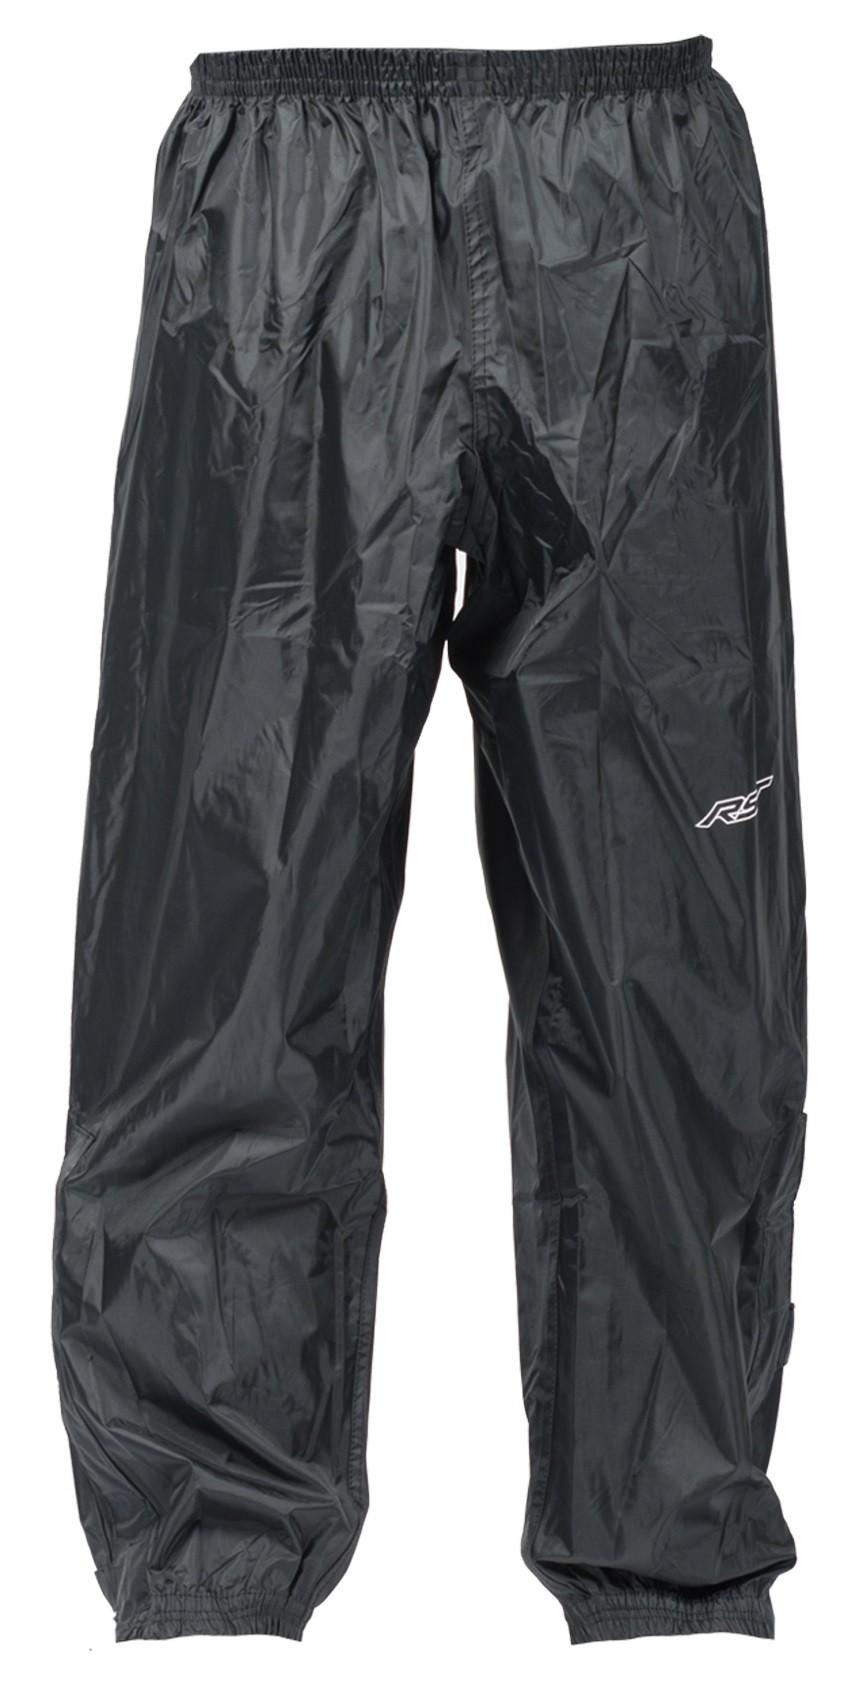 【RST】RST 1812 雨褲 - 「Webike-摩托百貨」